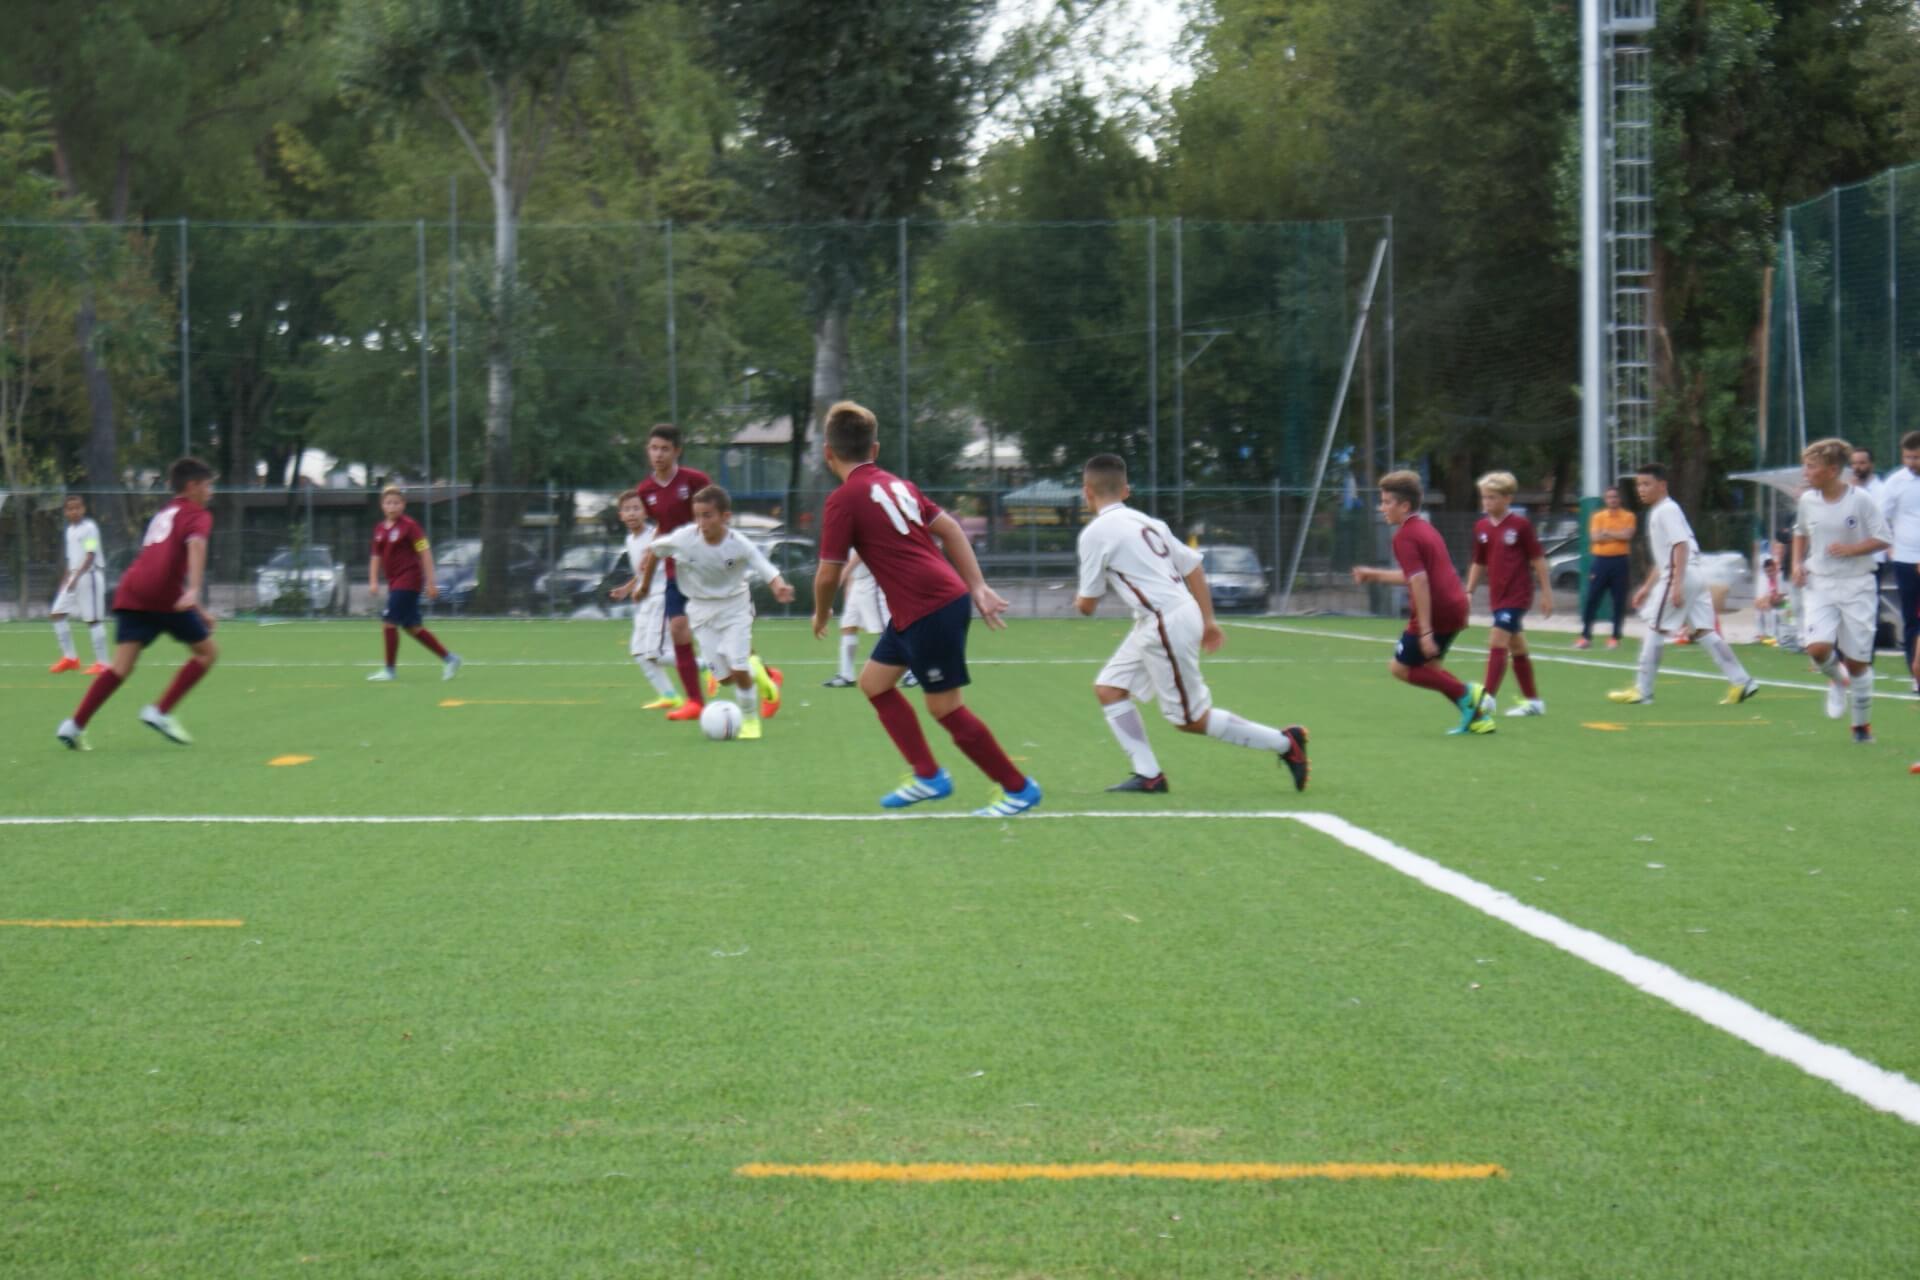 Incontro di calcio con squadra giovanile della AS Roma settore giovanile